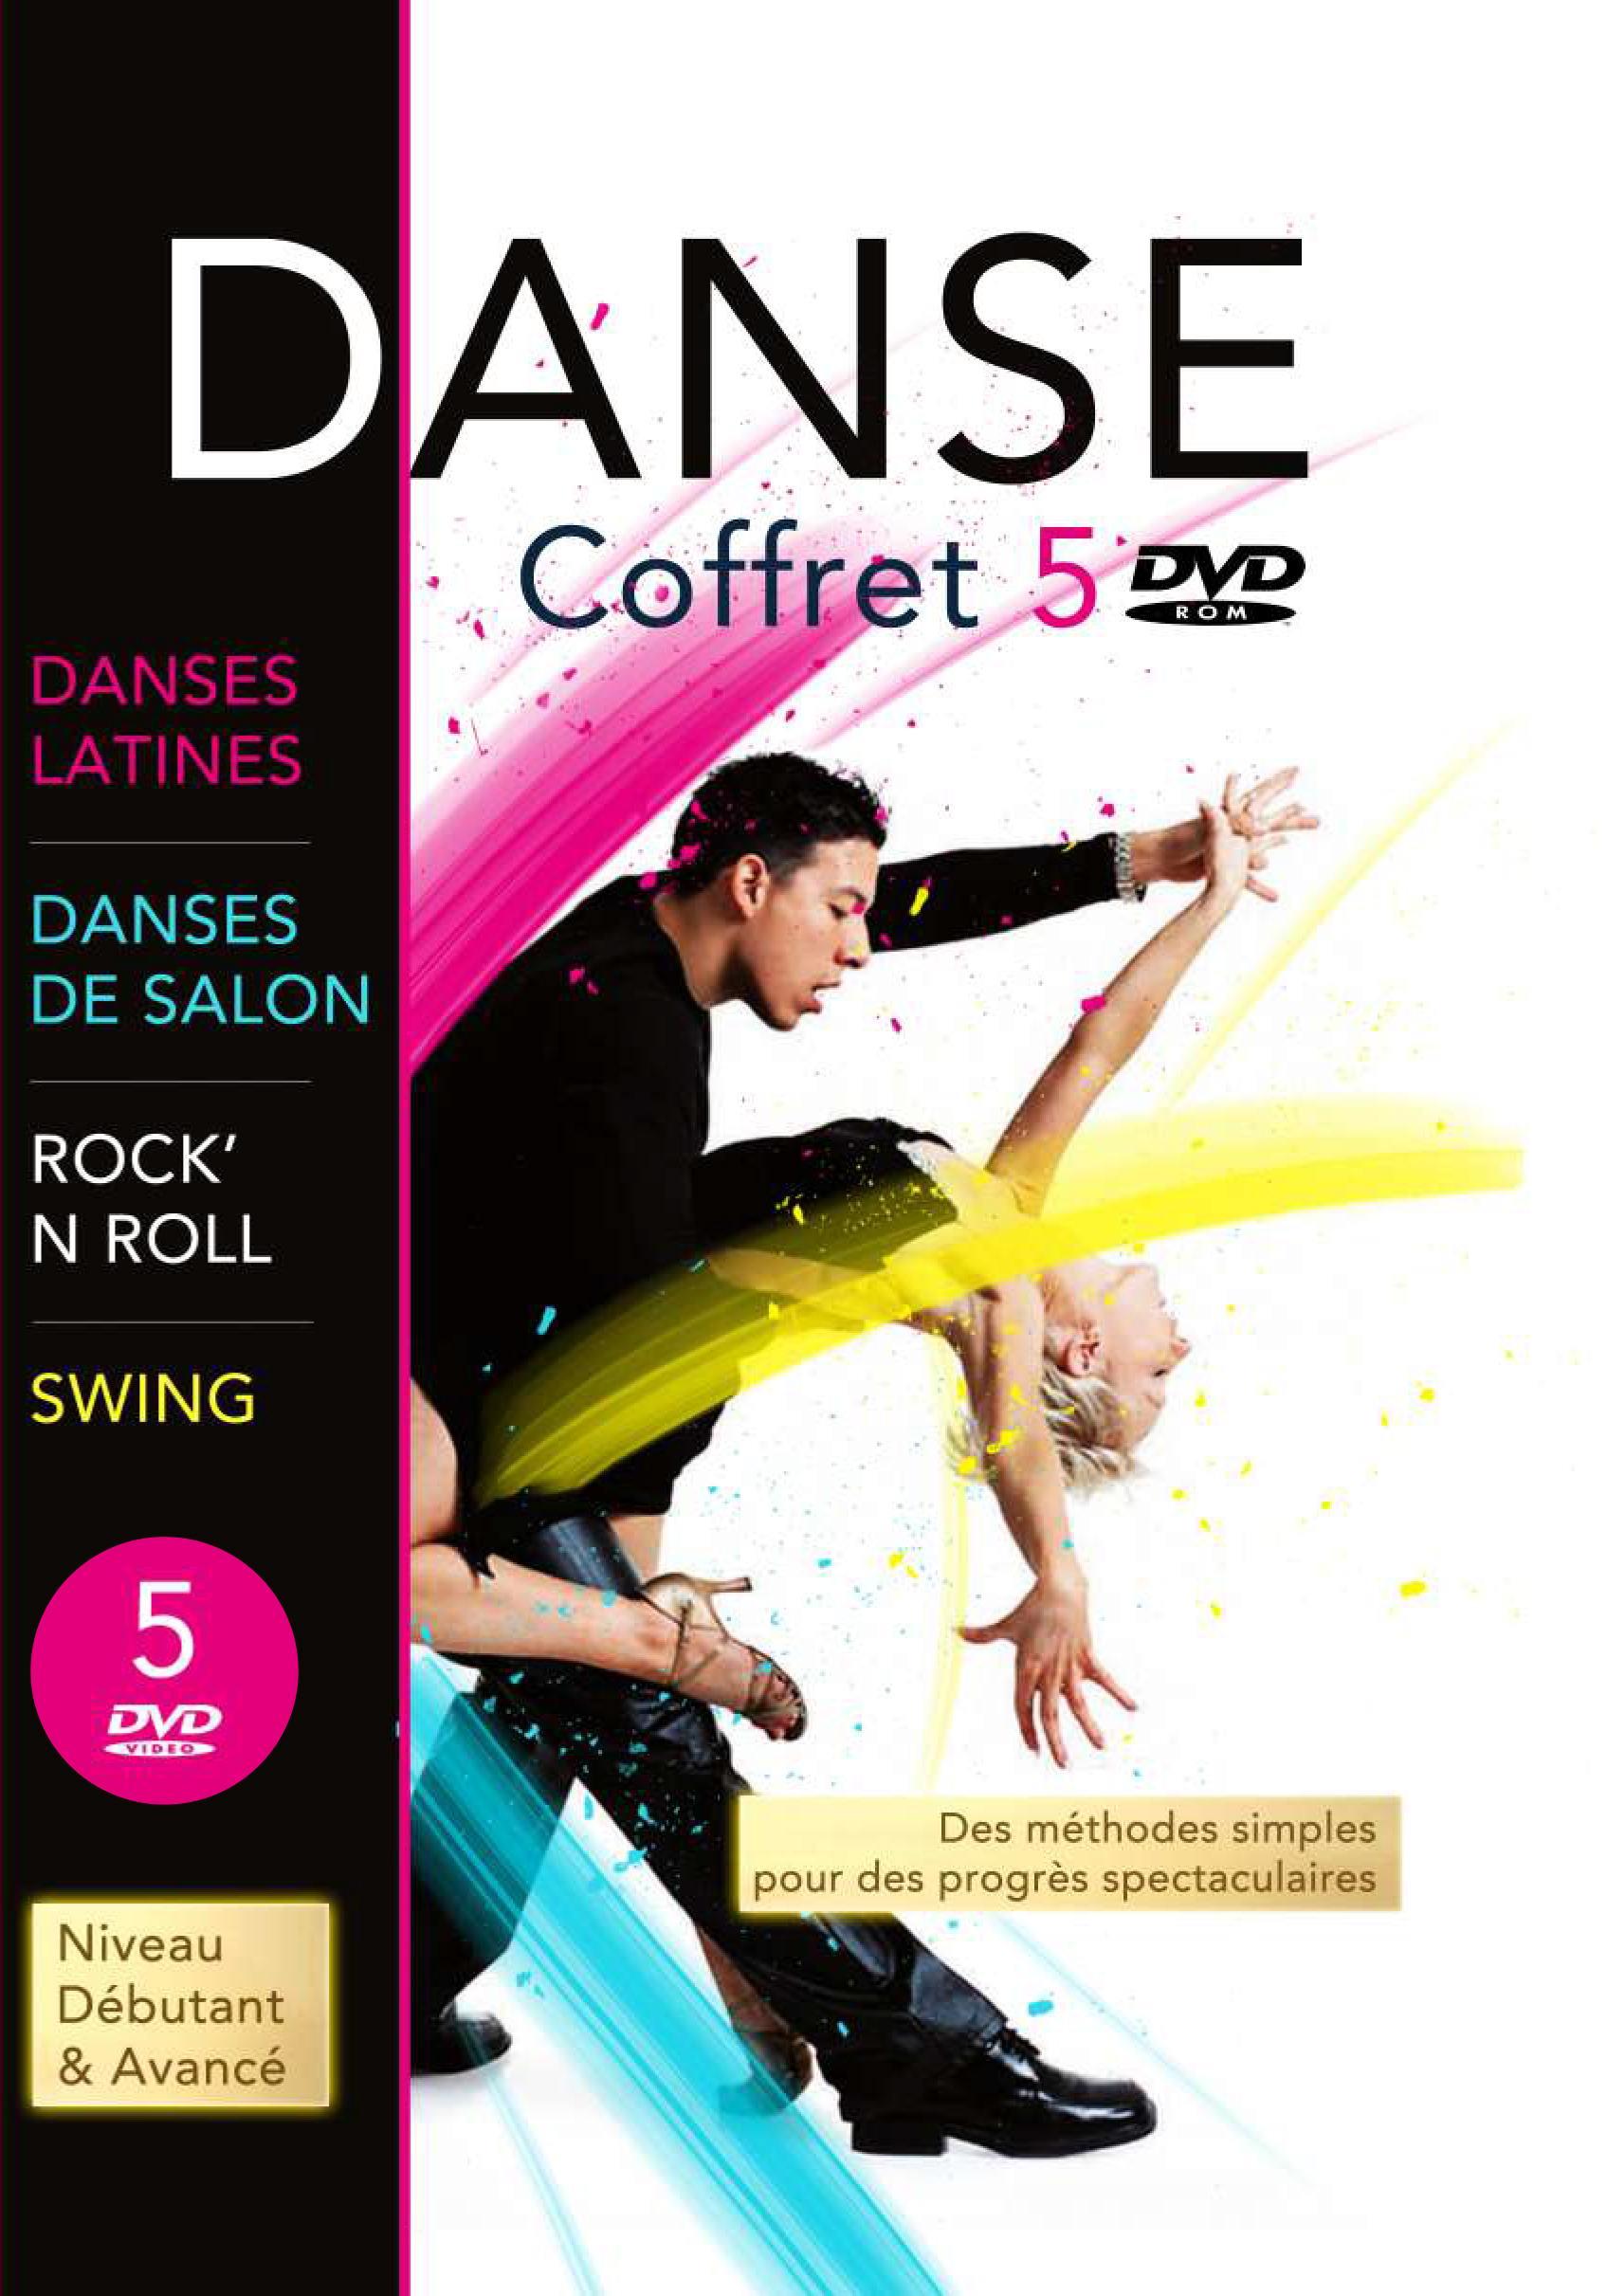 Special danse - 5 dvd